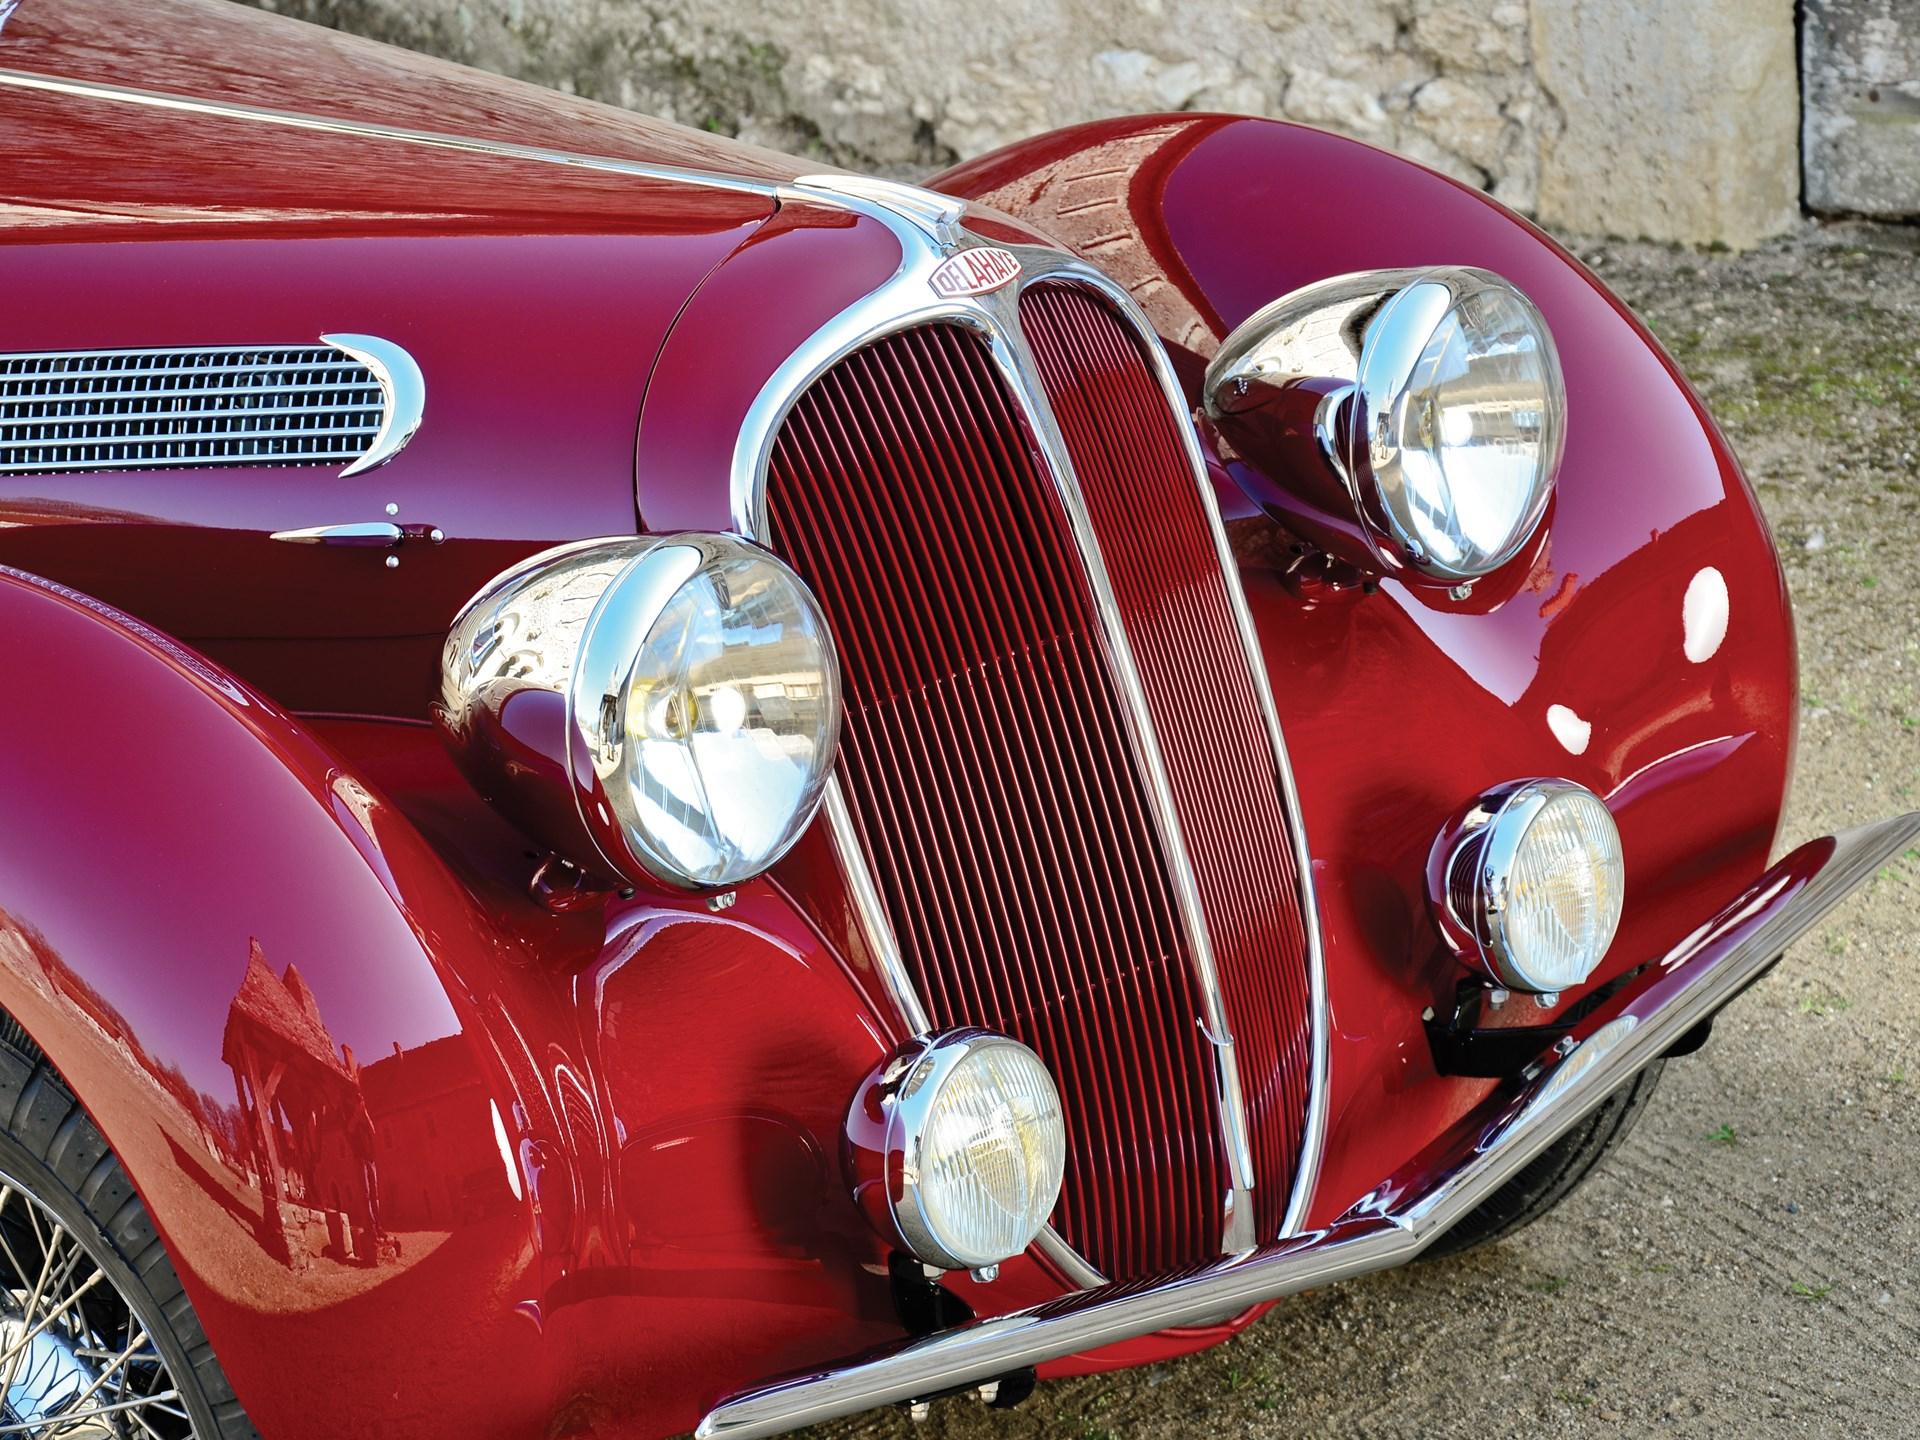 Delahaye-135-MS-Grand-Sport-Roadster-by-Figoni---Falaschi-1939--(1)